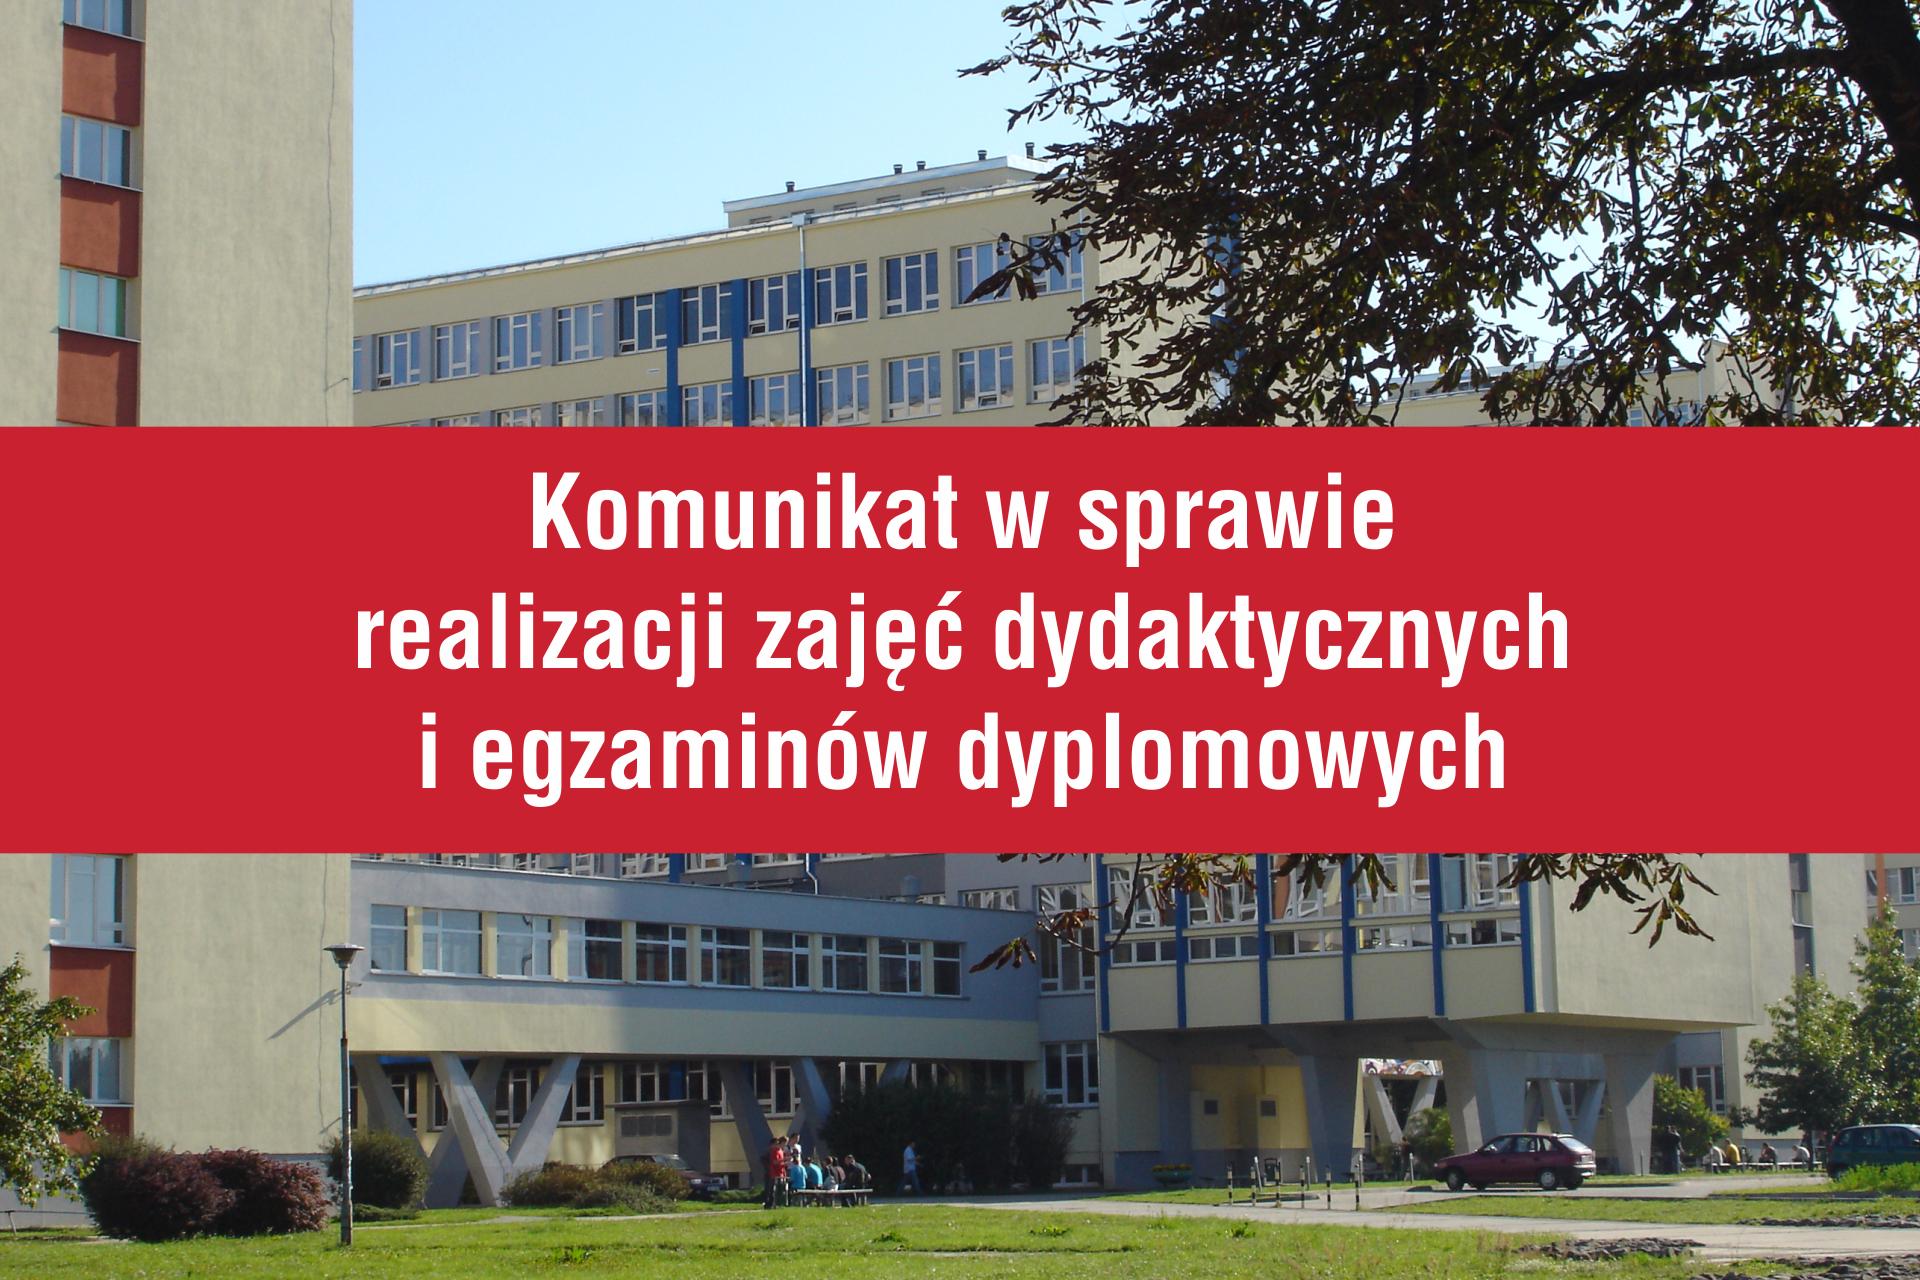 Komunikat w sprawie realizacji zajęć dydaktycznych i egzaminów dyplomowych